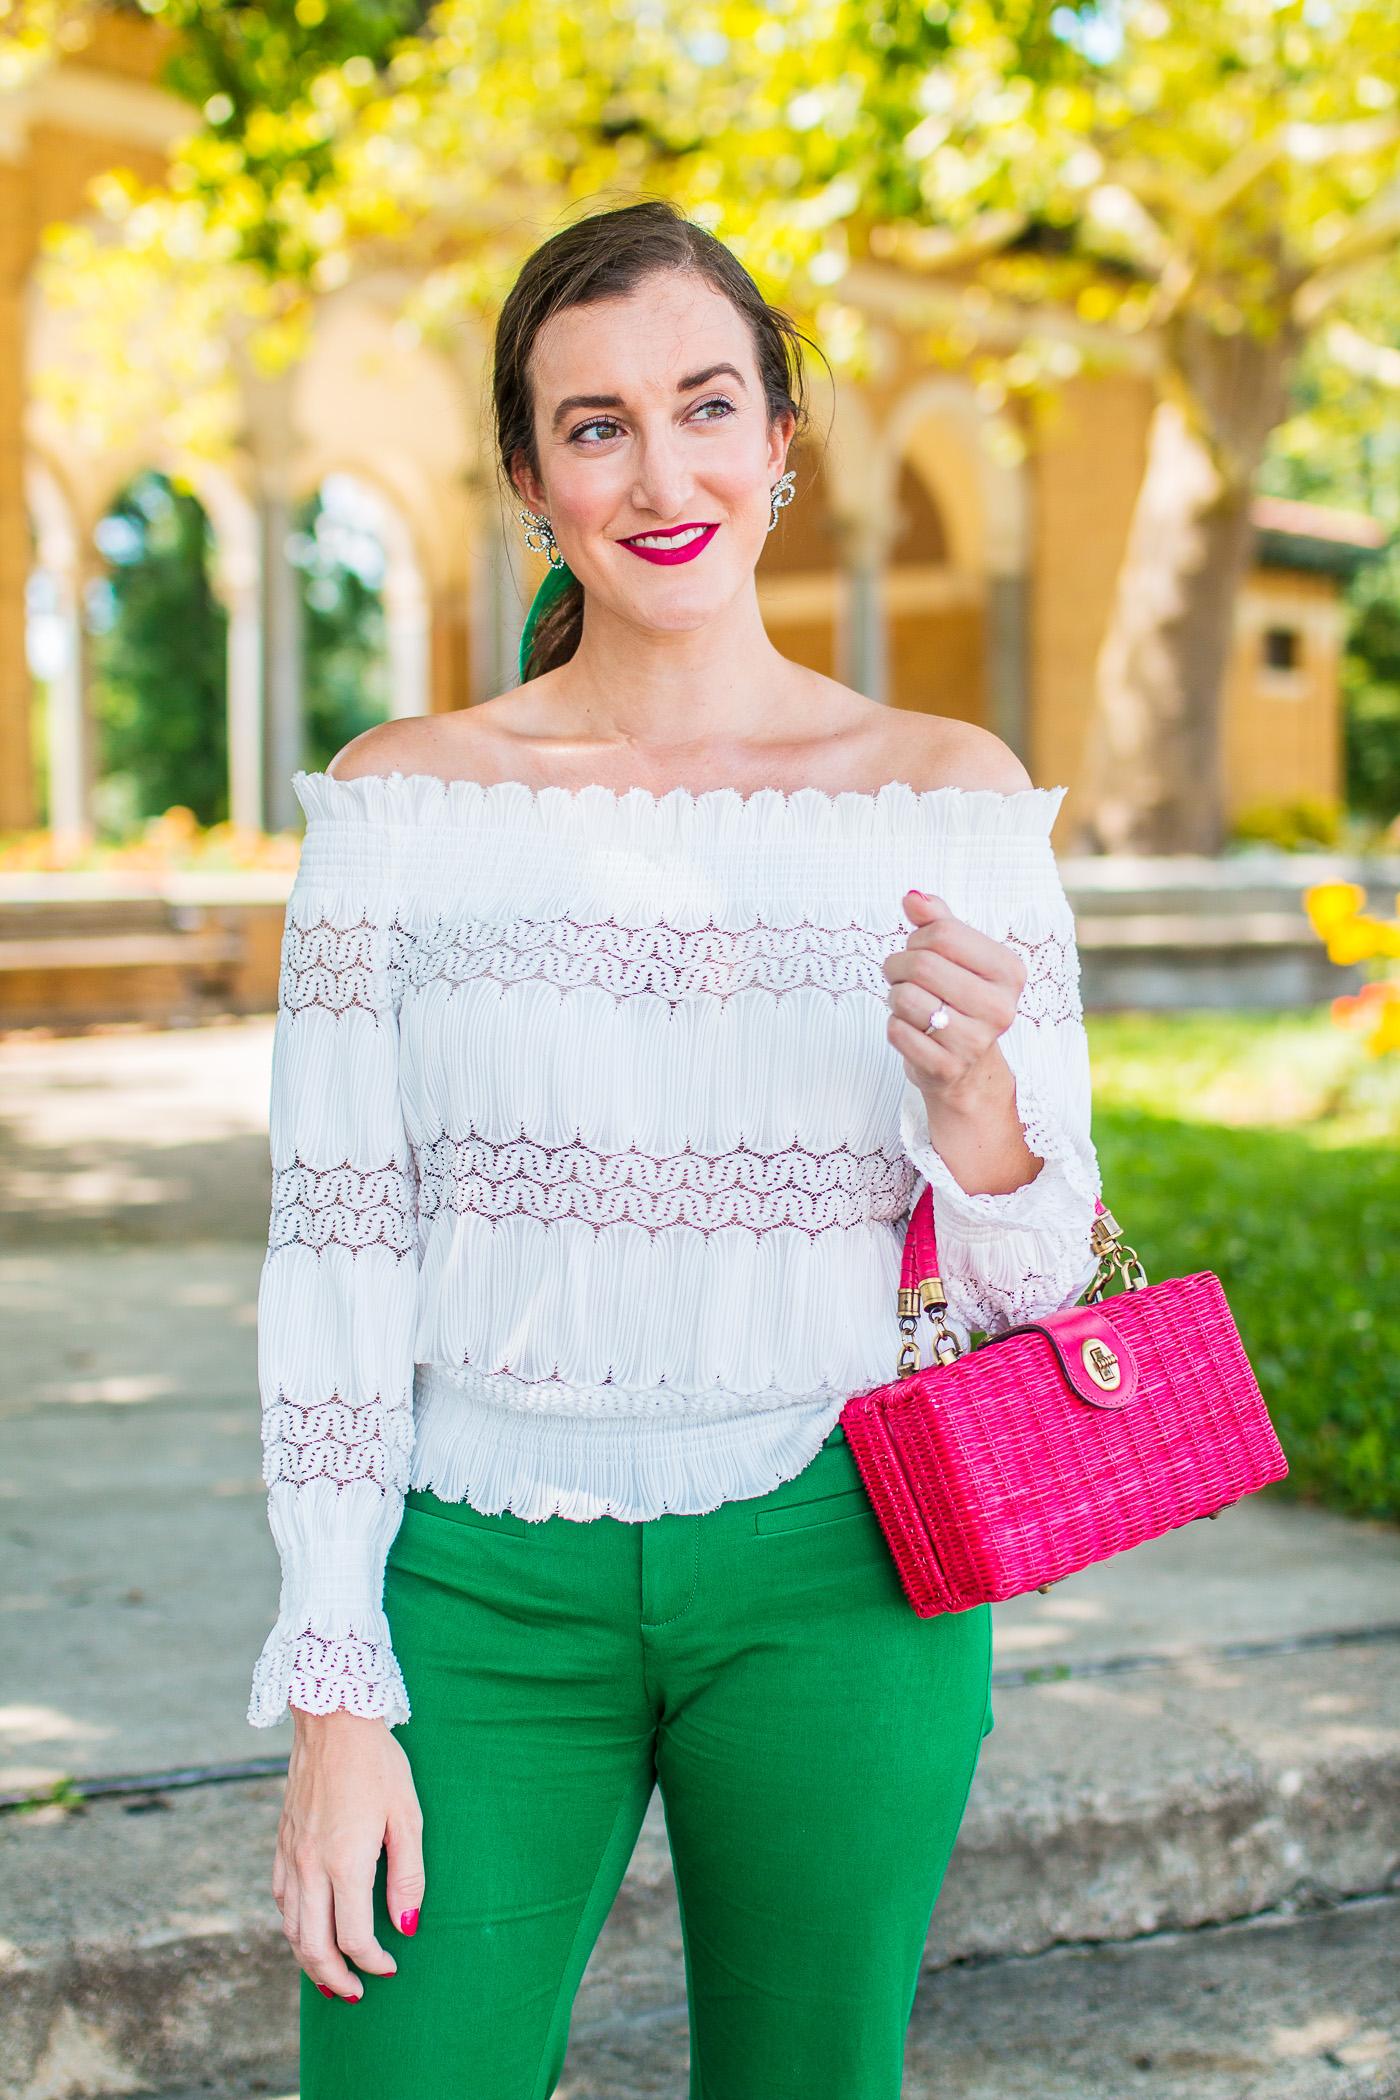 Pink Wicker Handbag